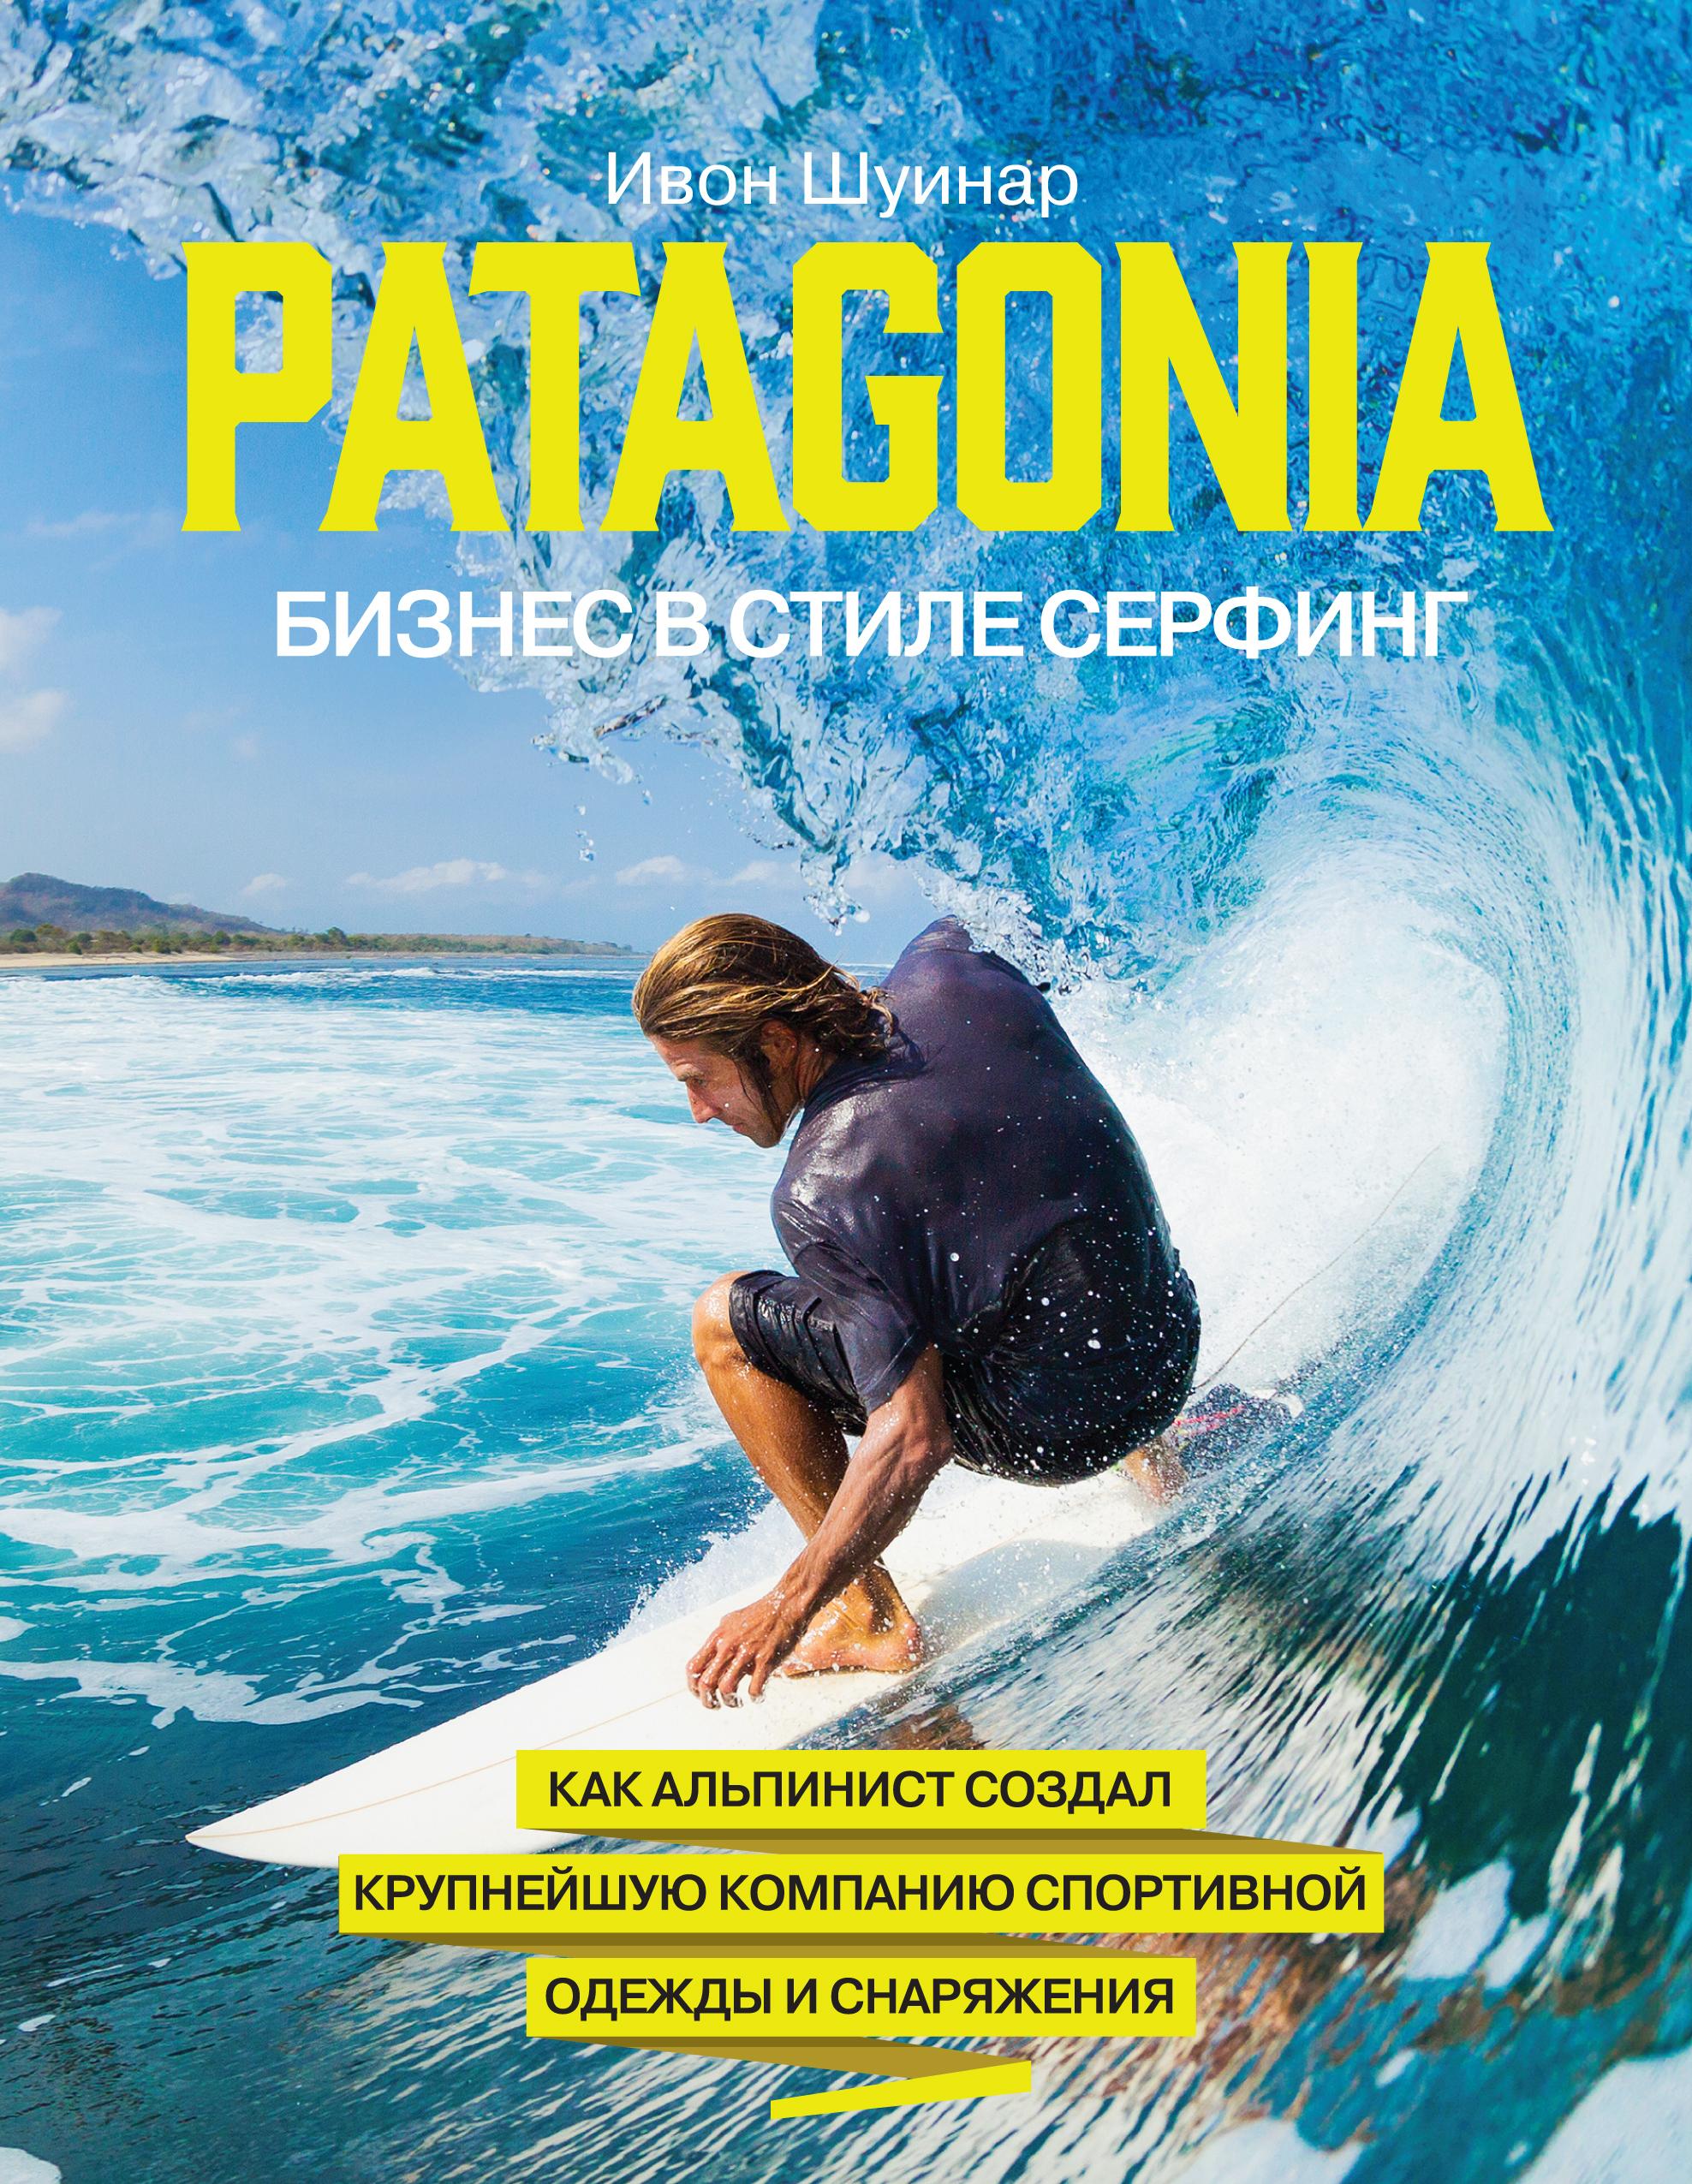 Patagonia - бизнес в стиле серфинг. Как альпинист создал крупнейшую компанию спортивной одежды и снаряжения ( Шуинар И.  )